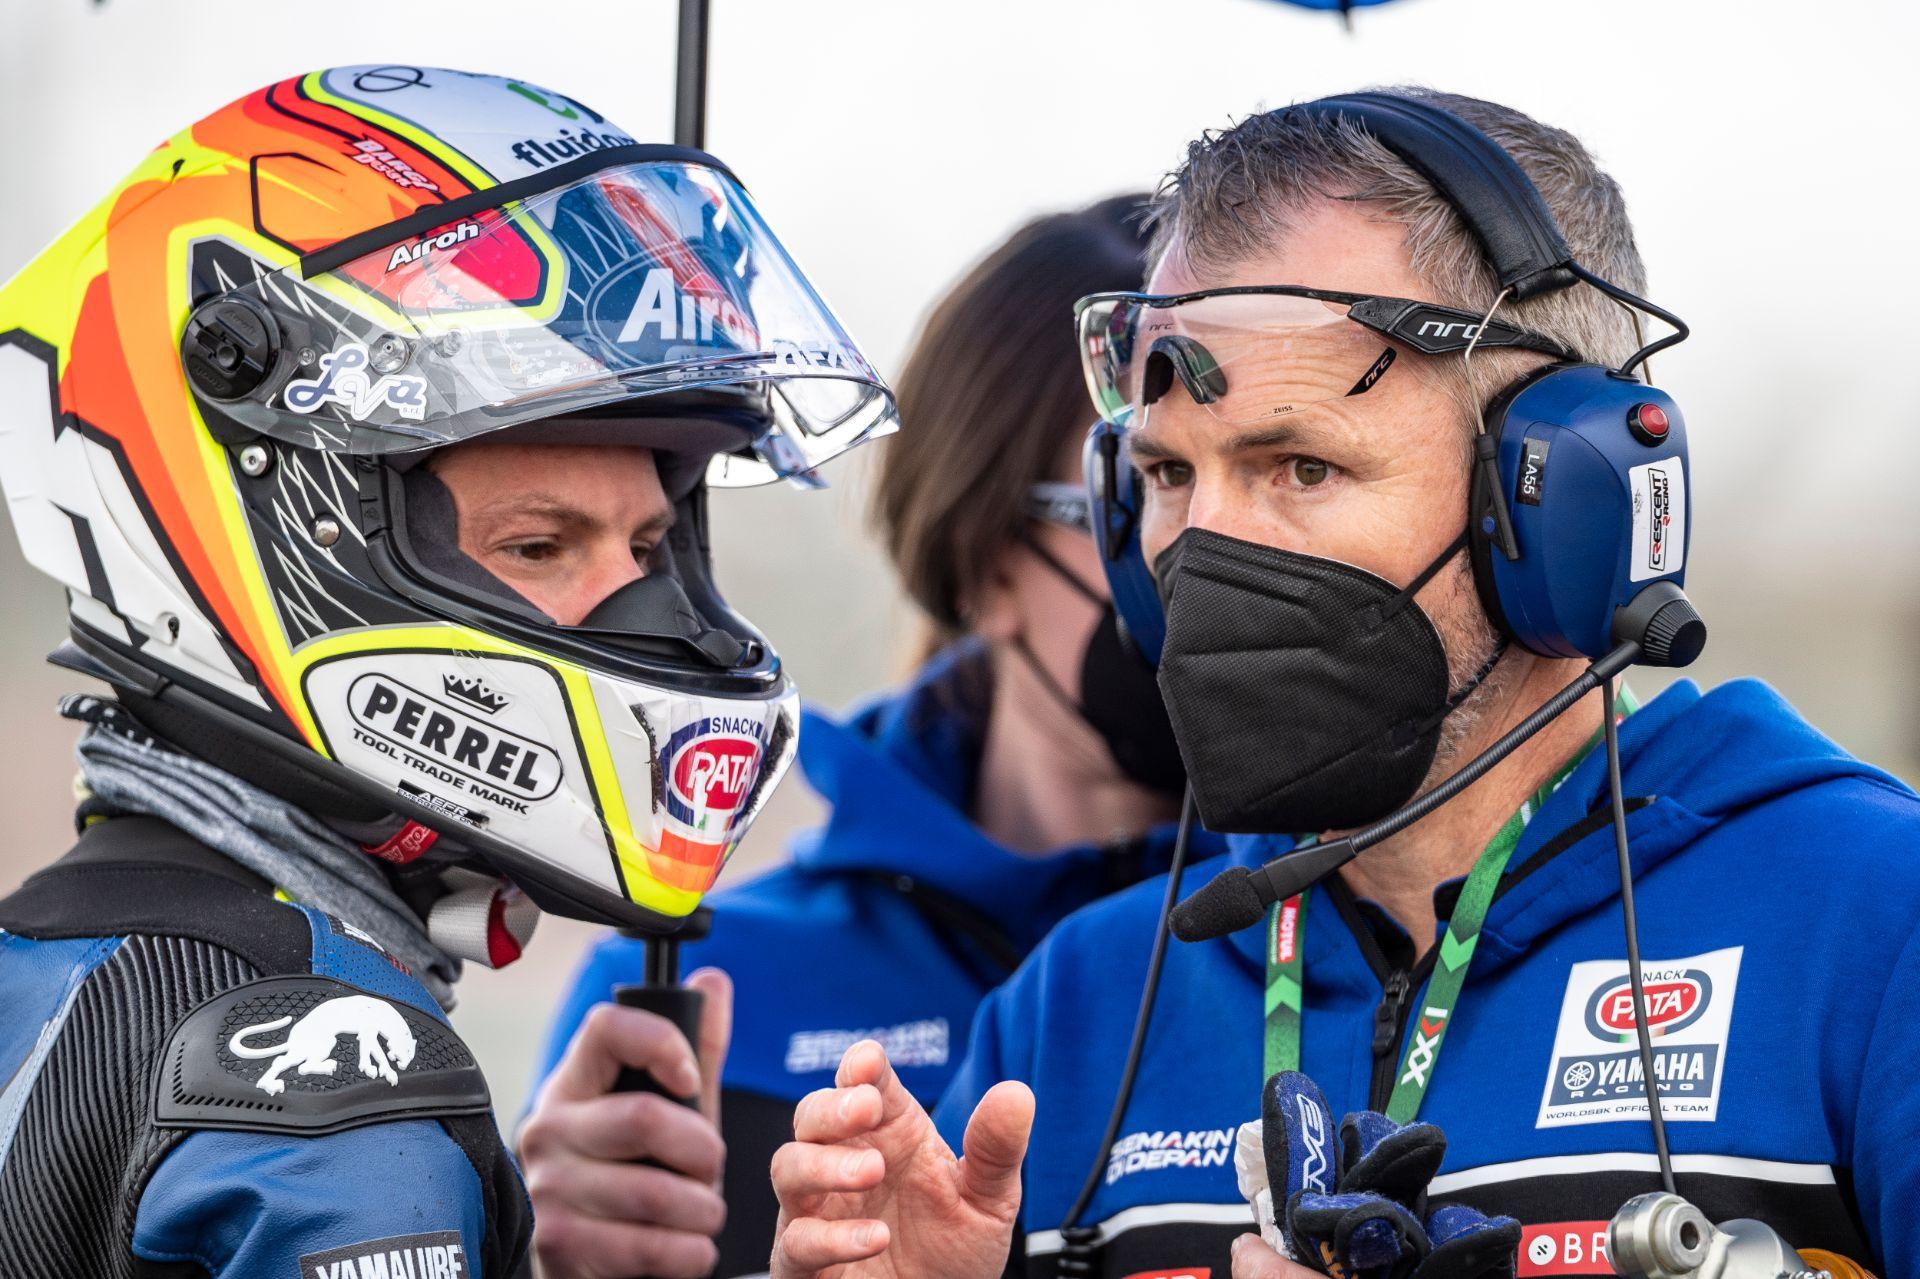 FIM スーパーバイク世界選手権(SBK)2021 アラゴン戦 レース2 9位アンドレア・ロカテッリ「次回のエストリルはさらにプッシュしたい」